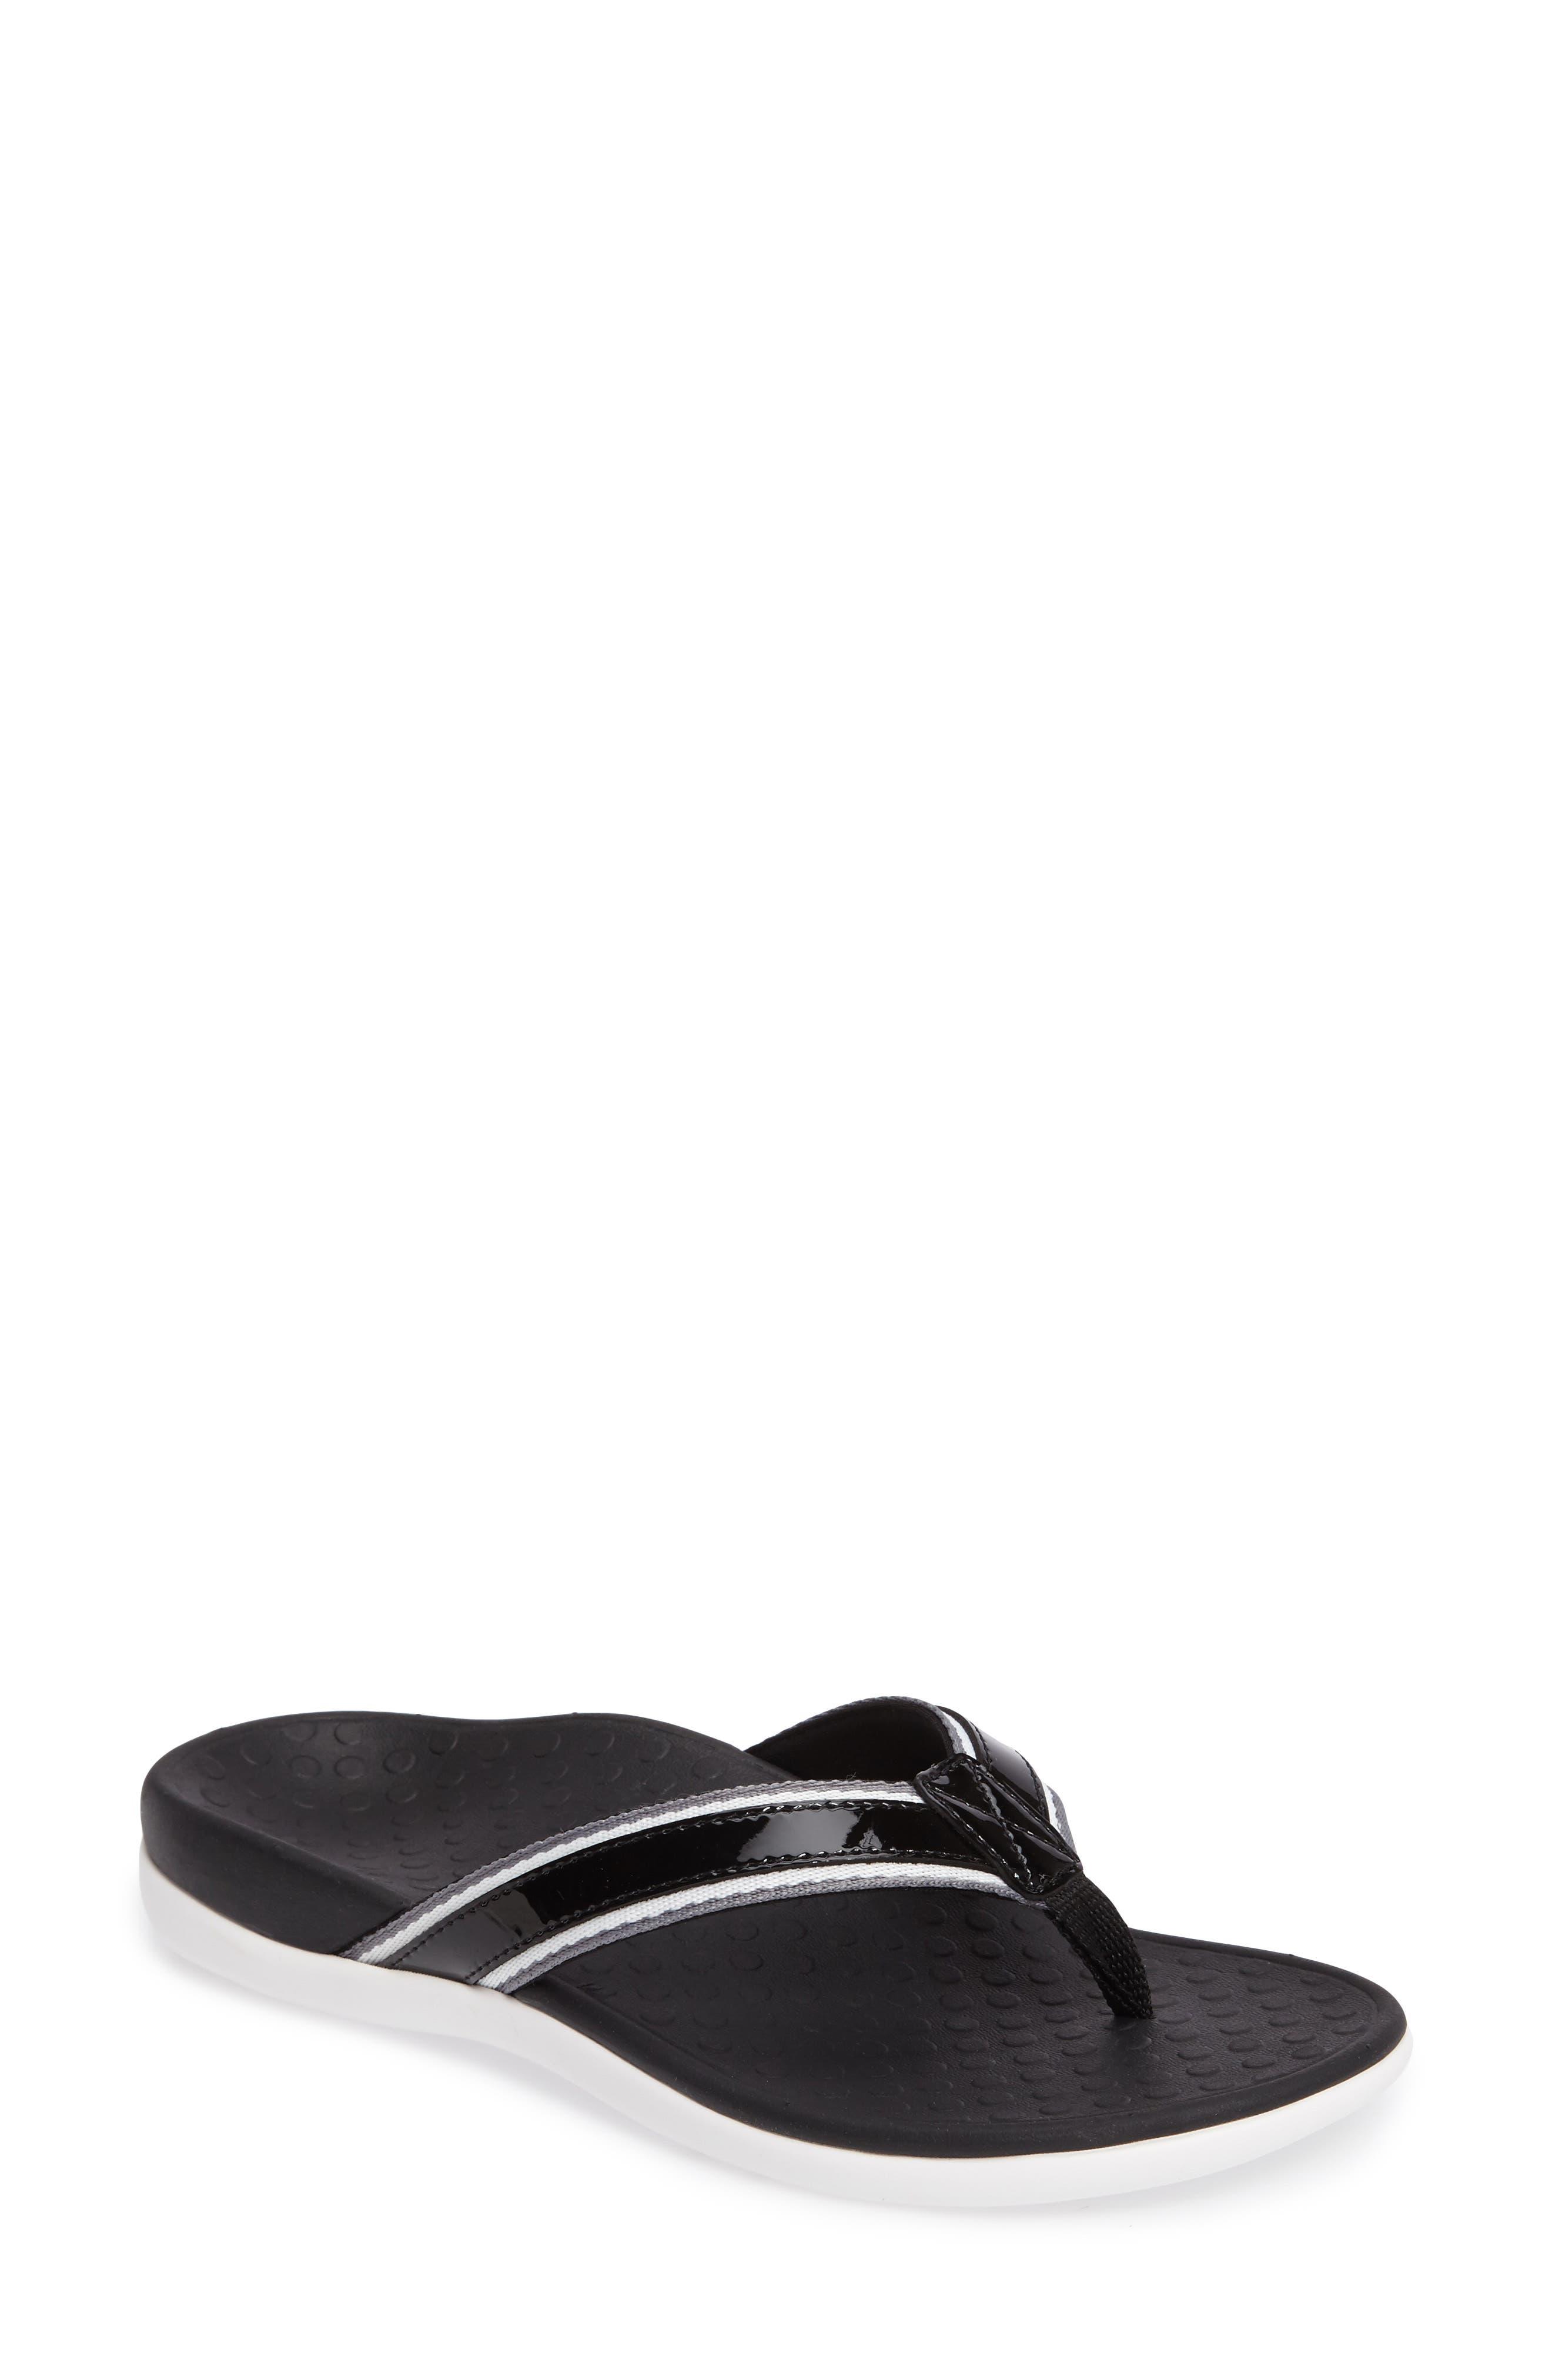 Tide Sport Flip Flop,                             Main thumbnail 1, color,                             Black Leather